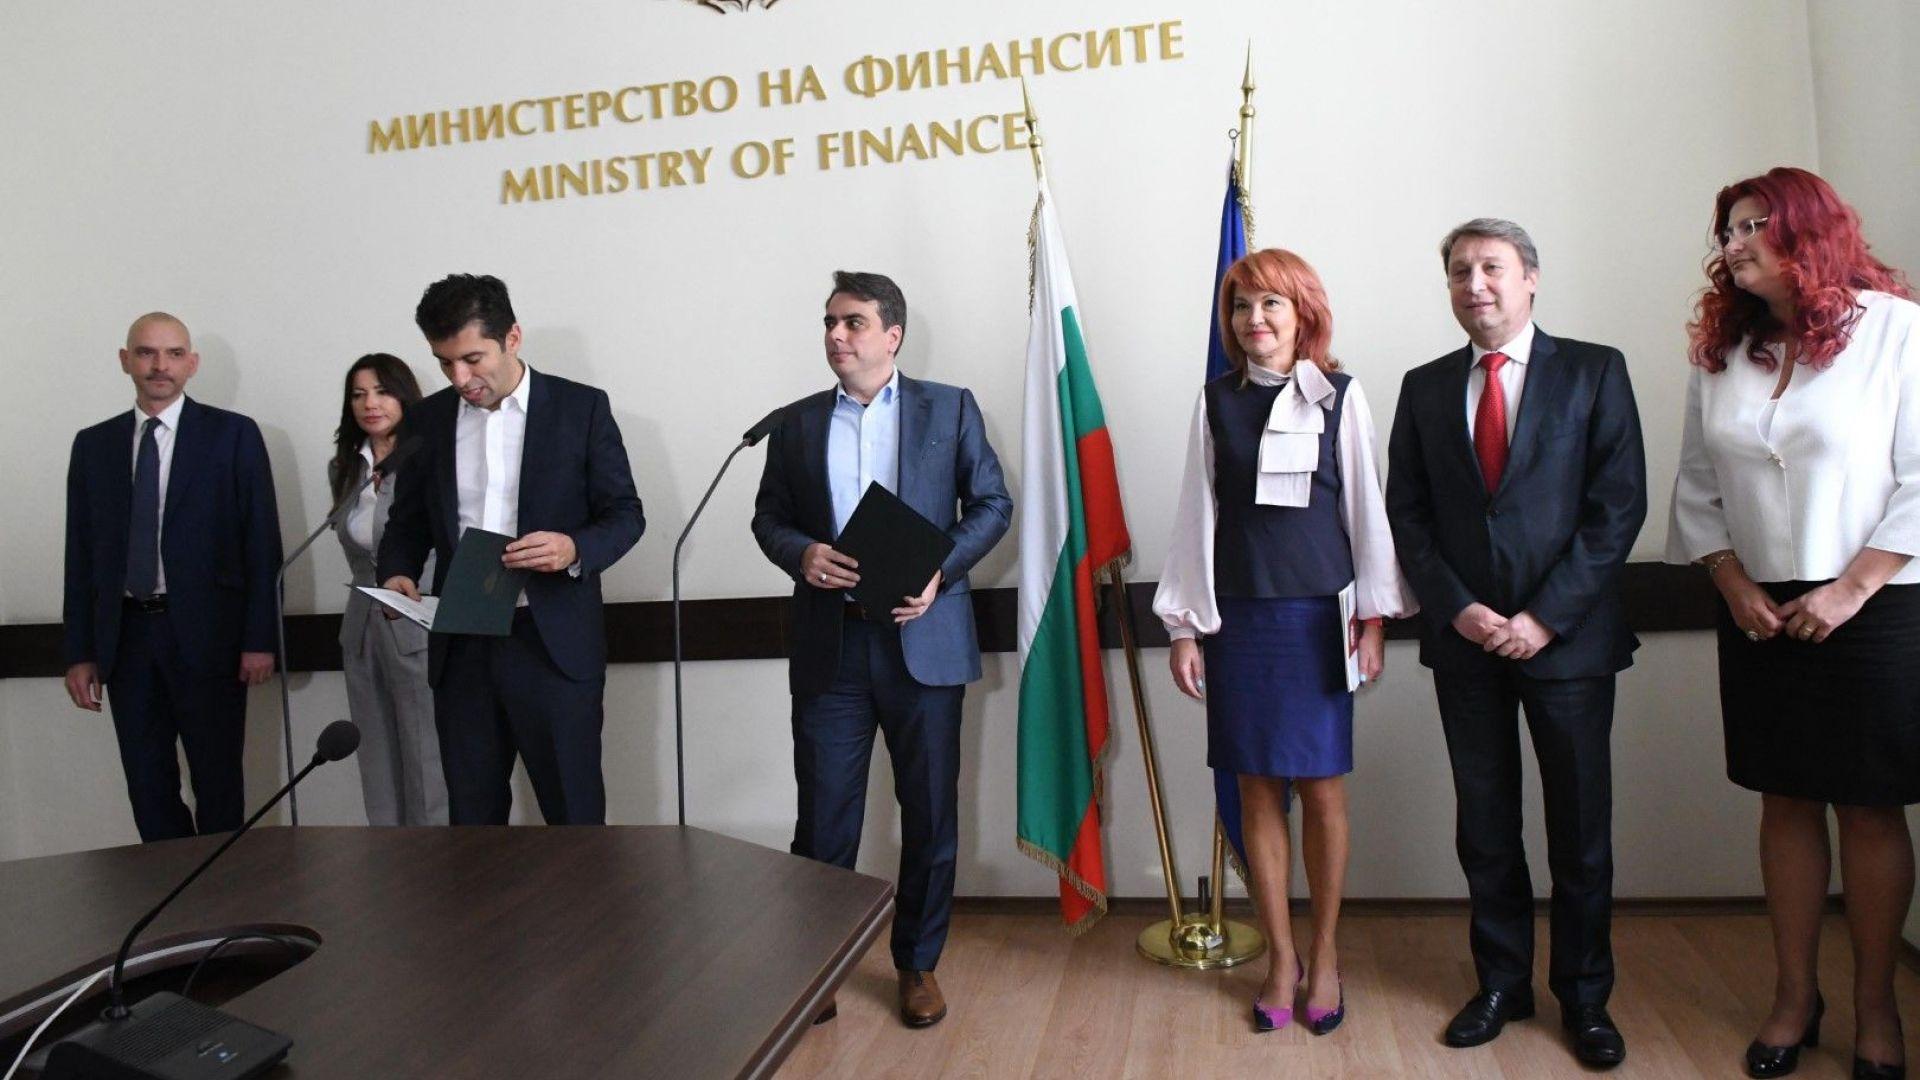 Министрите на финансите и икономиката – Асен Василев и Кирил Петков дават пресконференция за новите мерки, край тях са представители на Фонда на фондовете и на банки-партньори